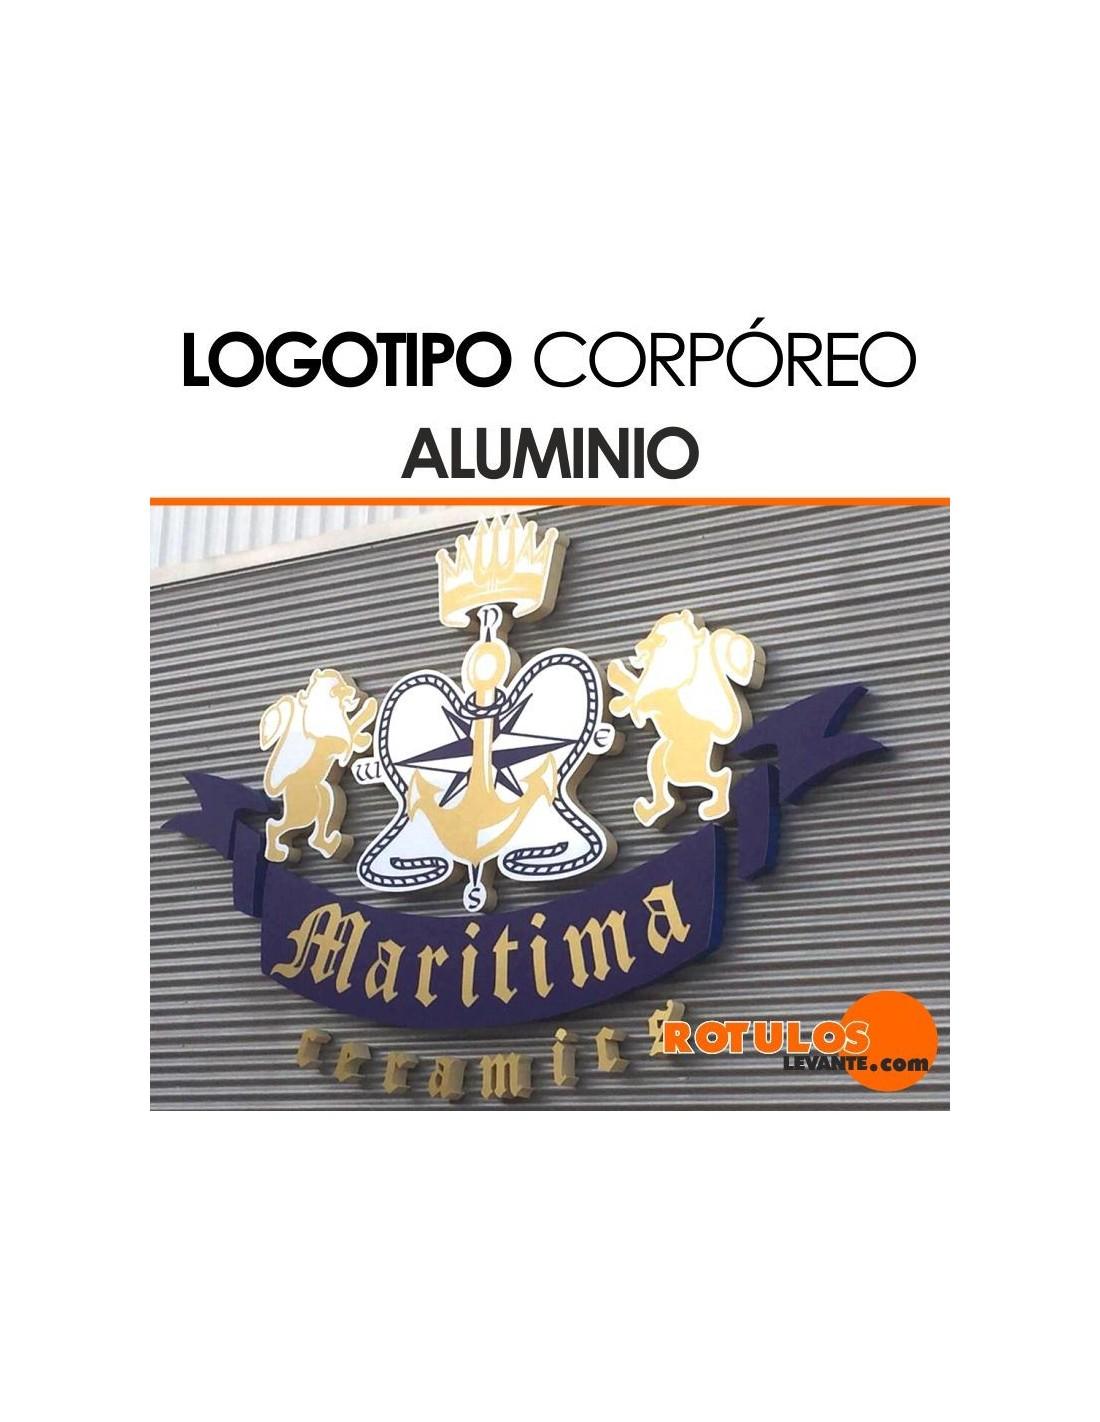 Logo Corpóreo de Aluminio